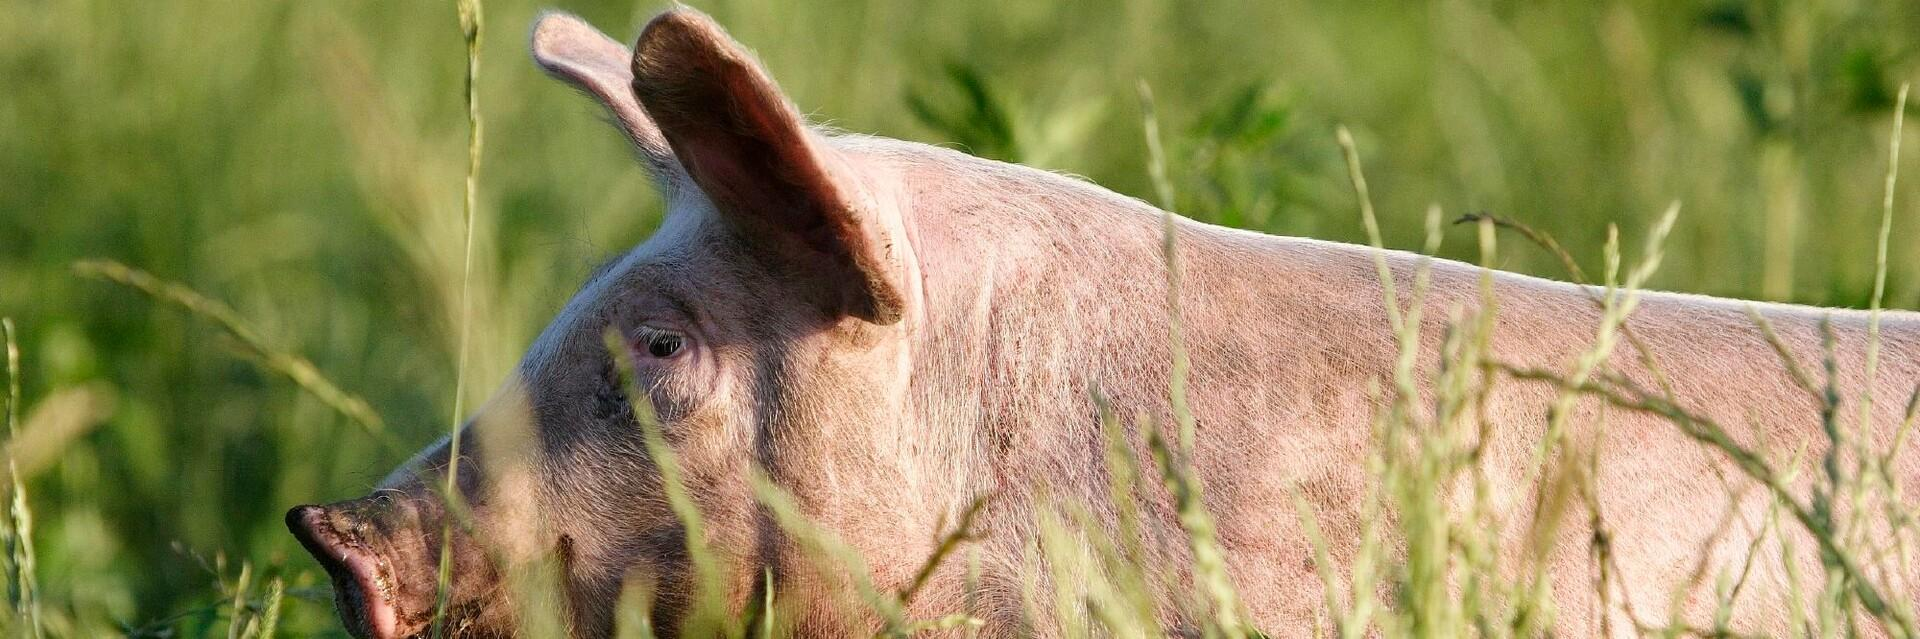 Schwein im hohen Gras